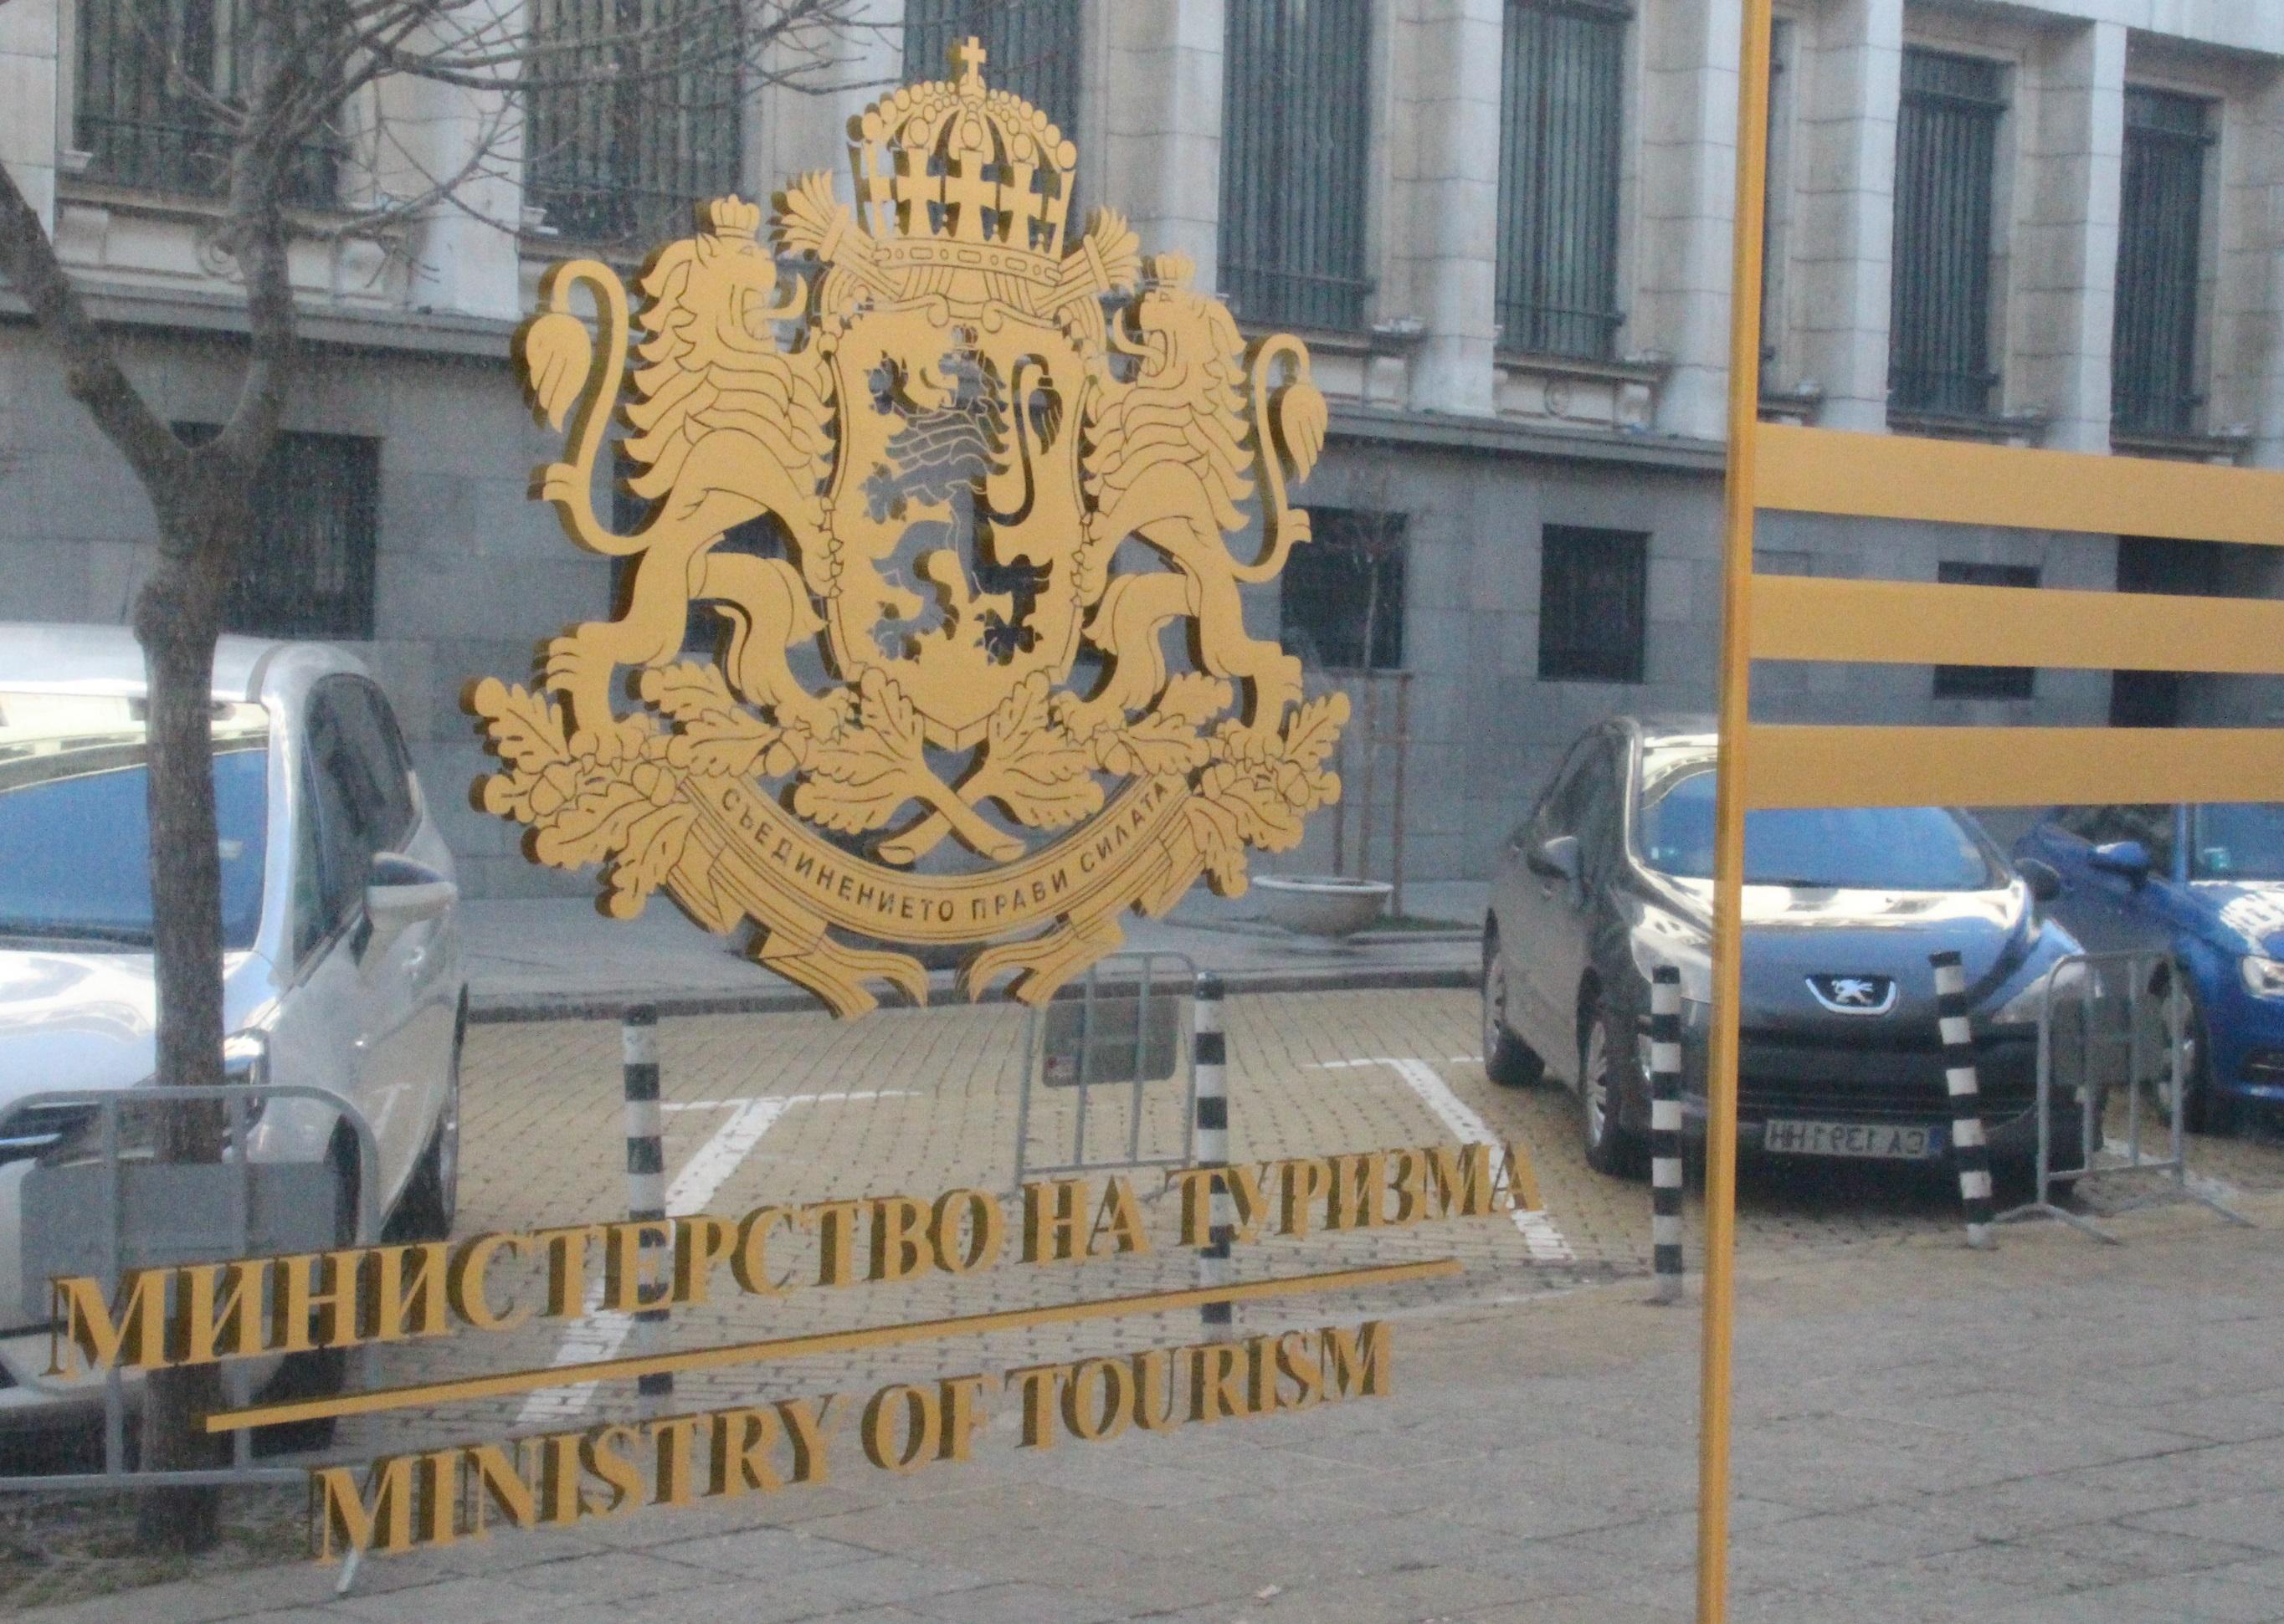 Министерството на туризма ще бъде затворено на 30 октомври заради служител с коронавирус | Министерство на туризма